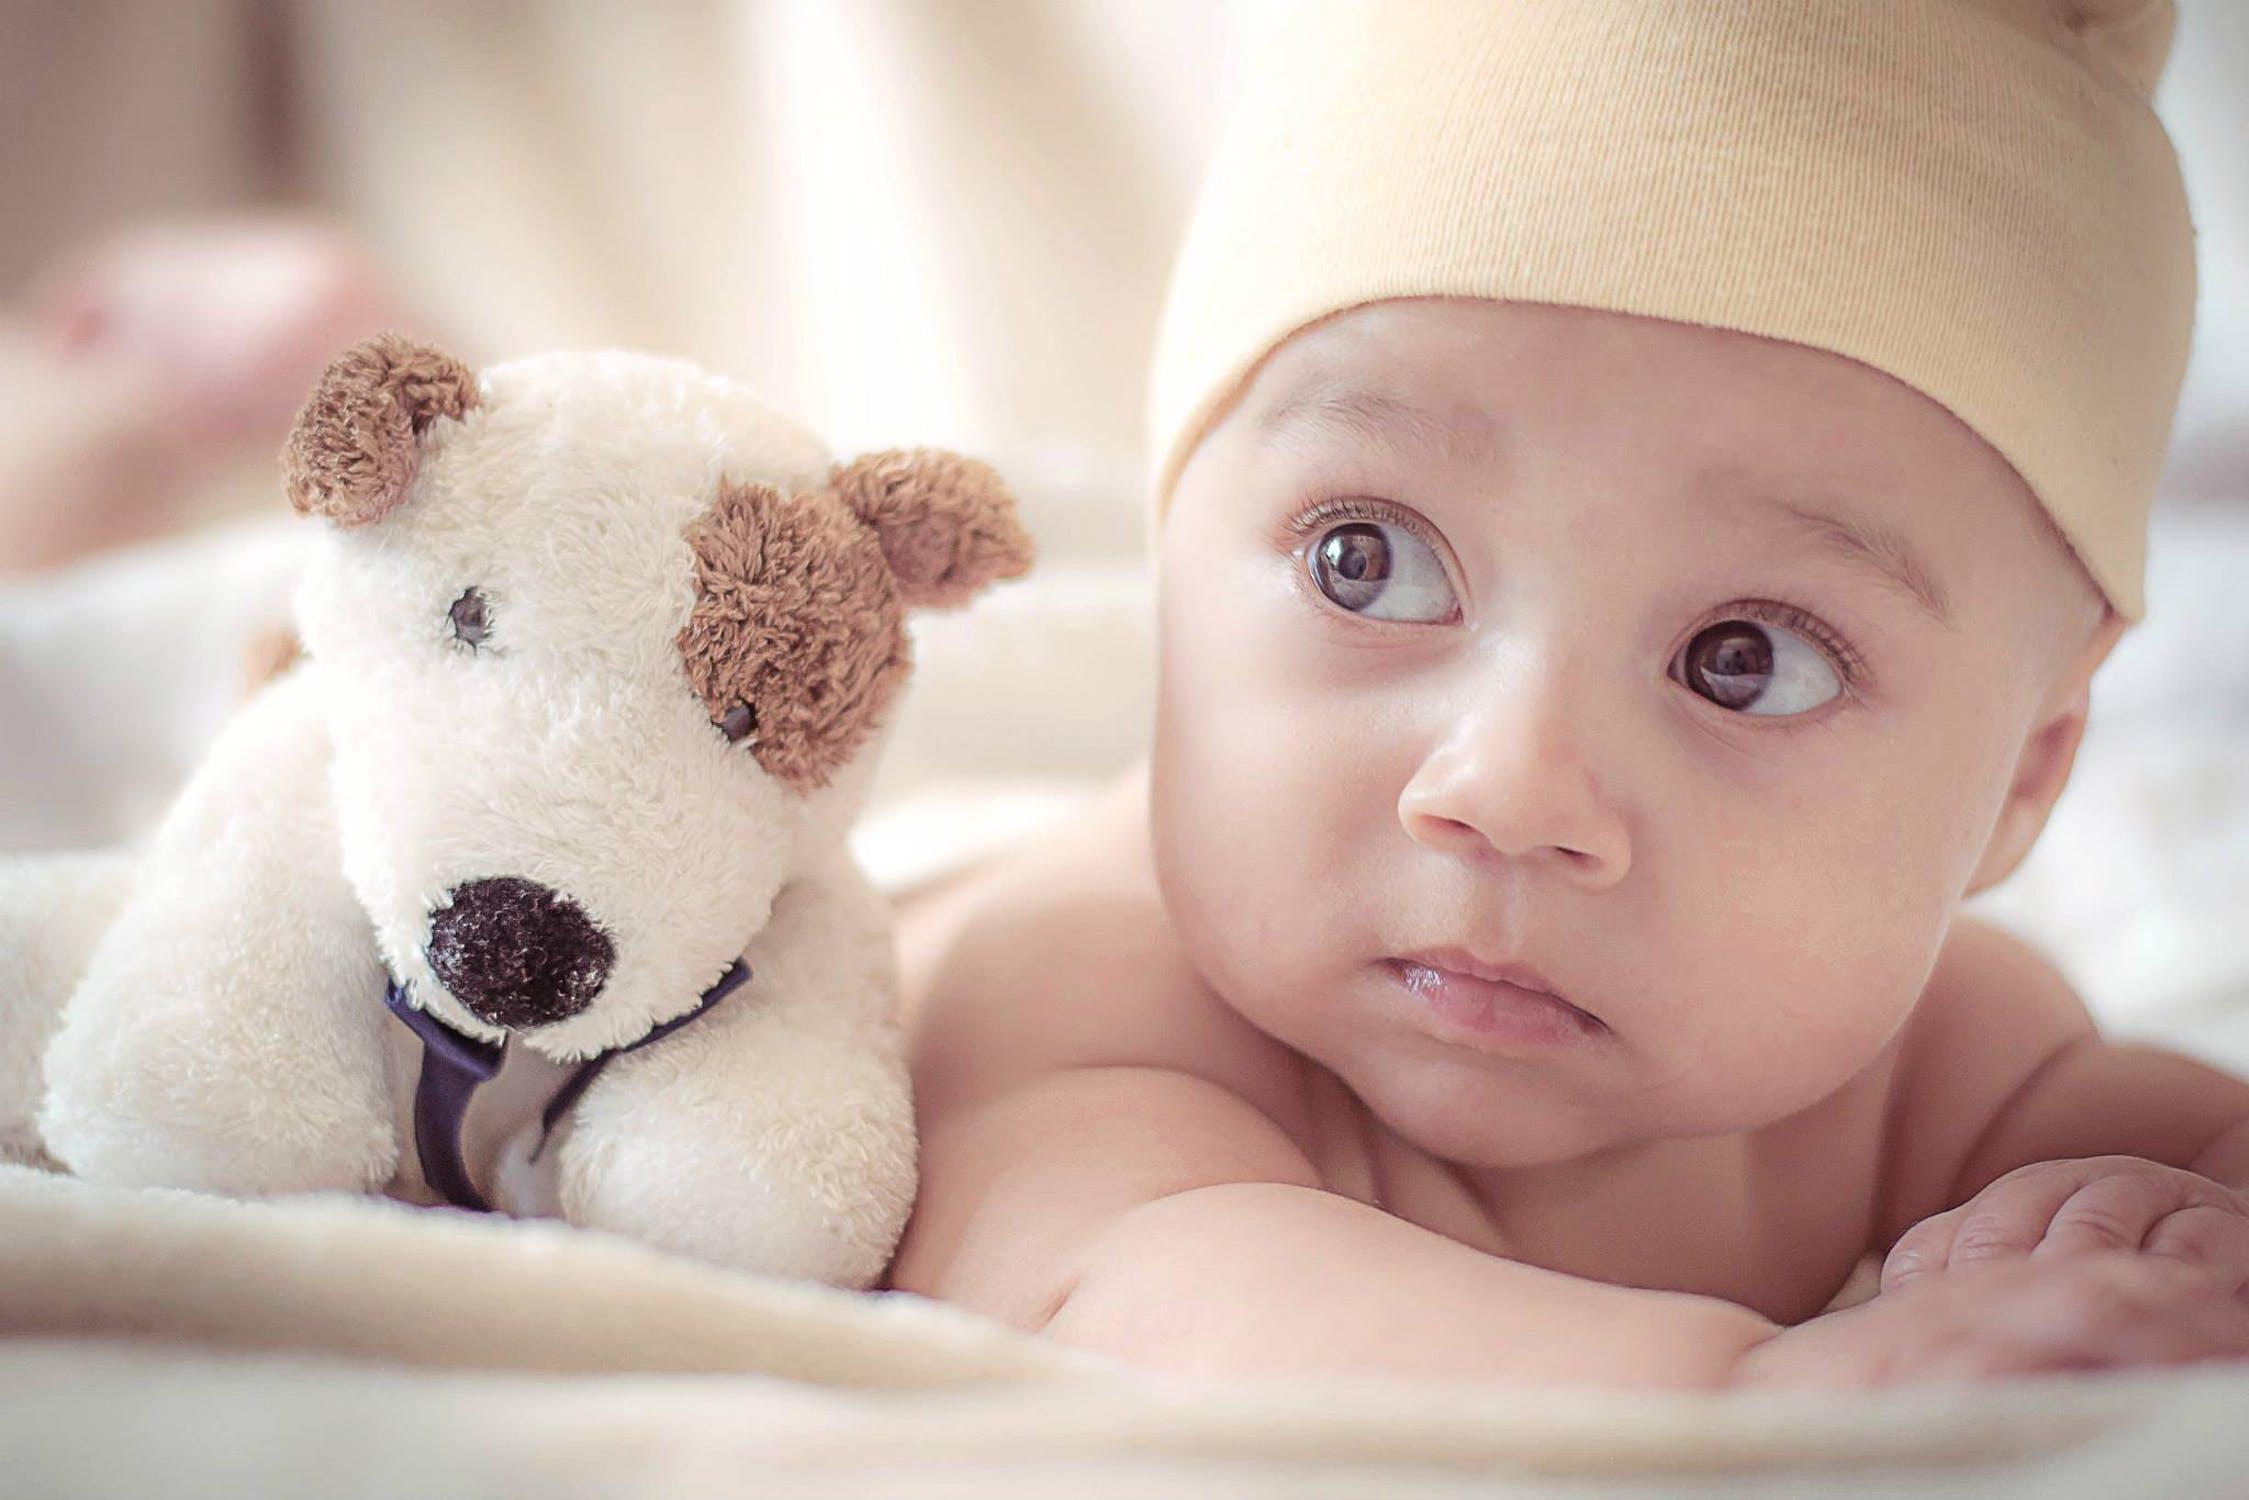 Noworodek na kocu w towarzystwie maskotki /Ilustracja do tekstu: Ryzyko przedwczesnego porodu i rozwój wcześniaka. Wszystko, co musisz wiedzieć